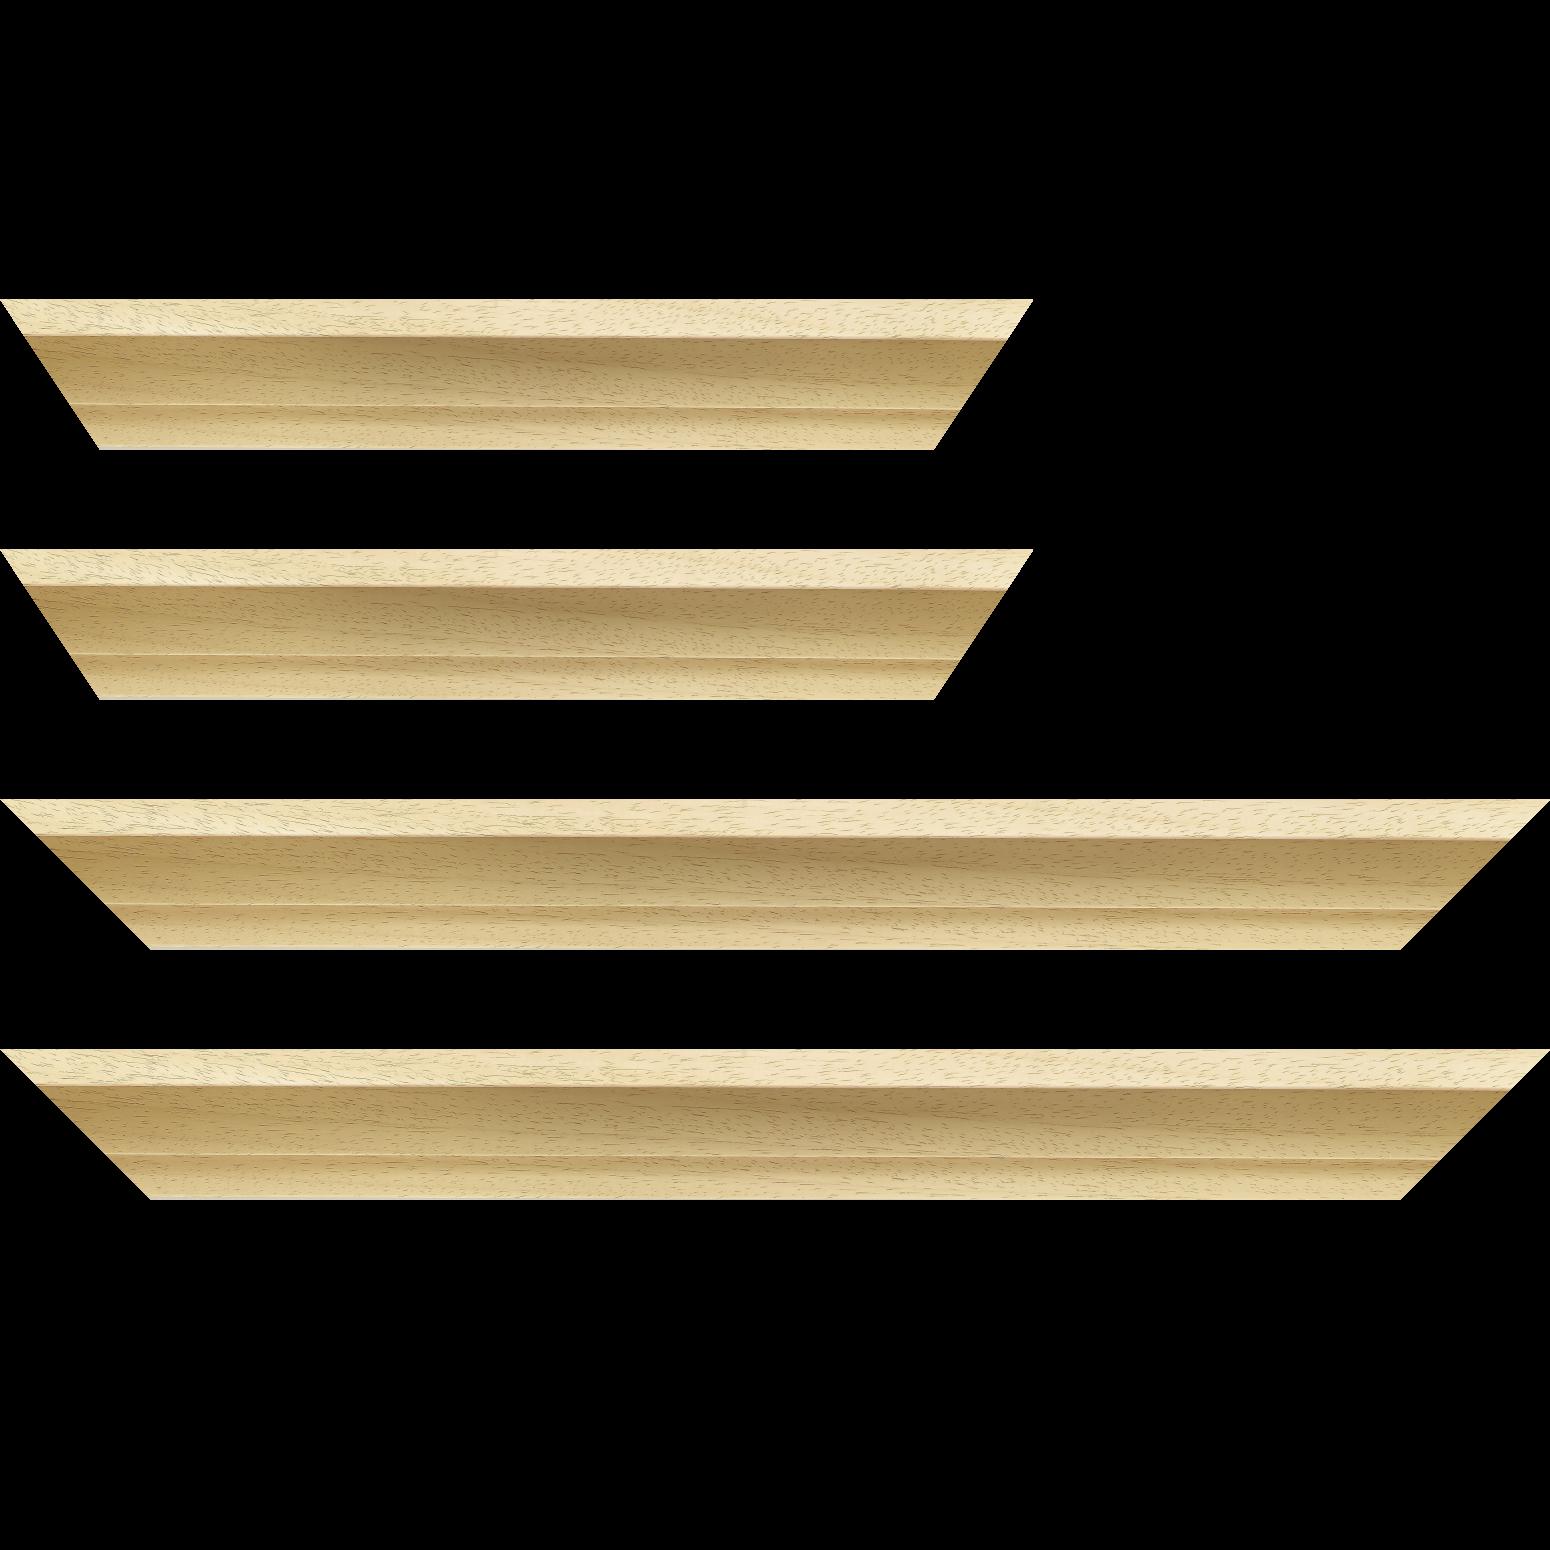 Baguette service précoupé Bois caisse américaine XL profil escalier largeur 4.9cm naturel (spécialement conçu pour les châssis 3D d'une épaisseur de 3 à 4cm) sans verni,peut être peint...